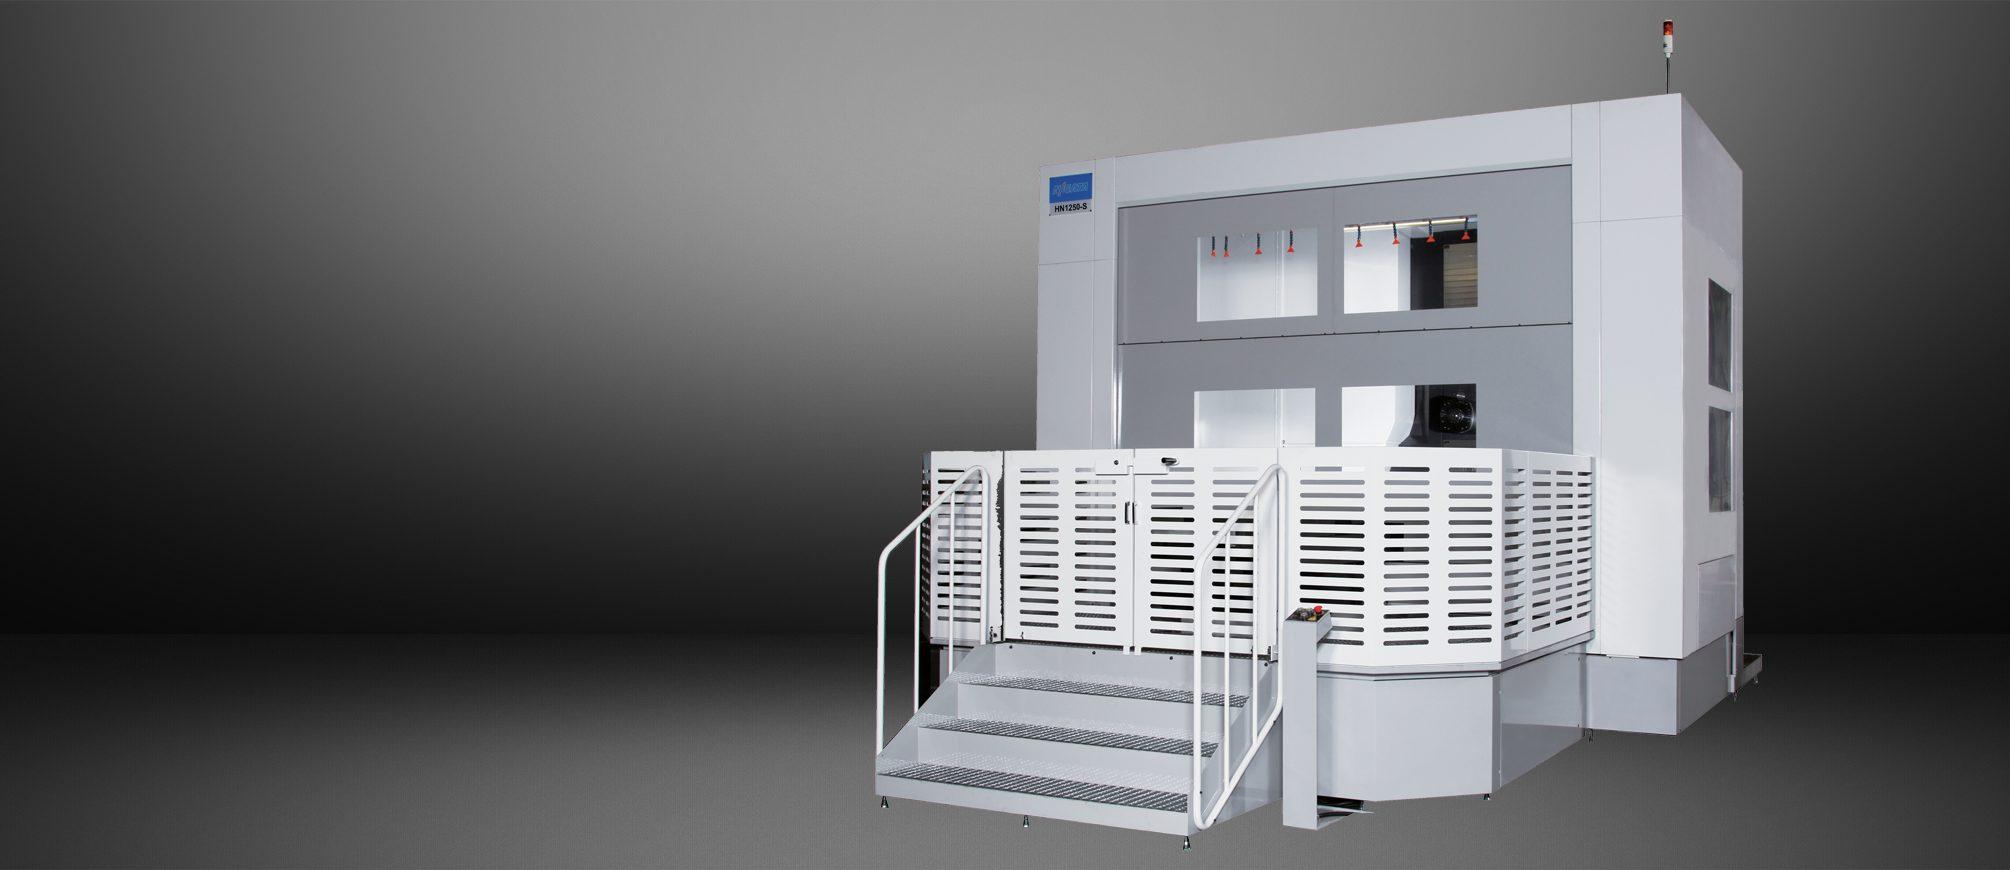 HN1250-S Horizontal Machining Centers